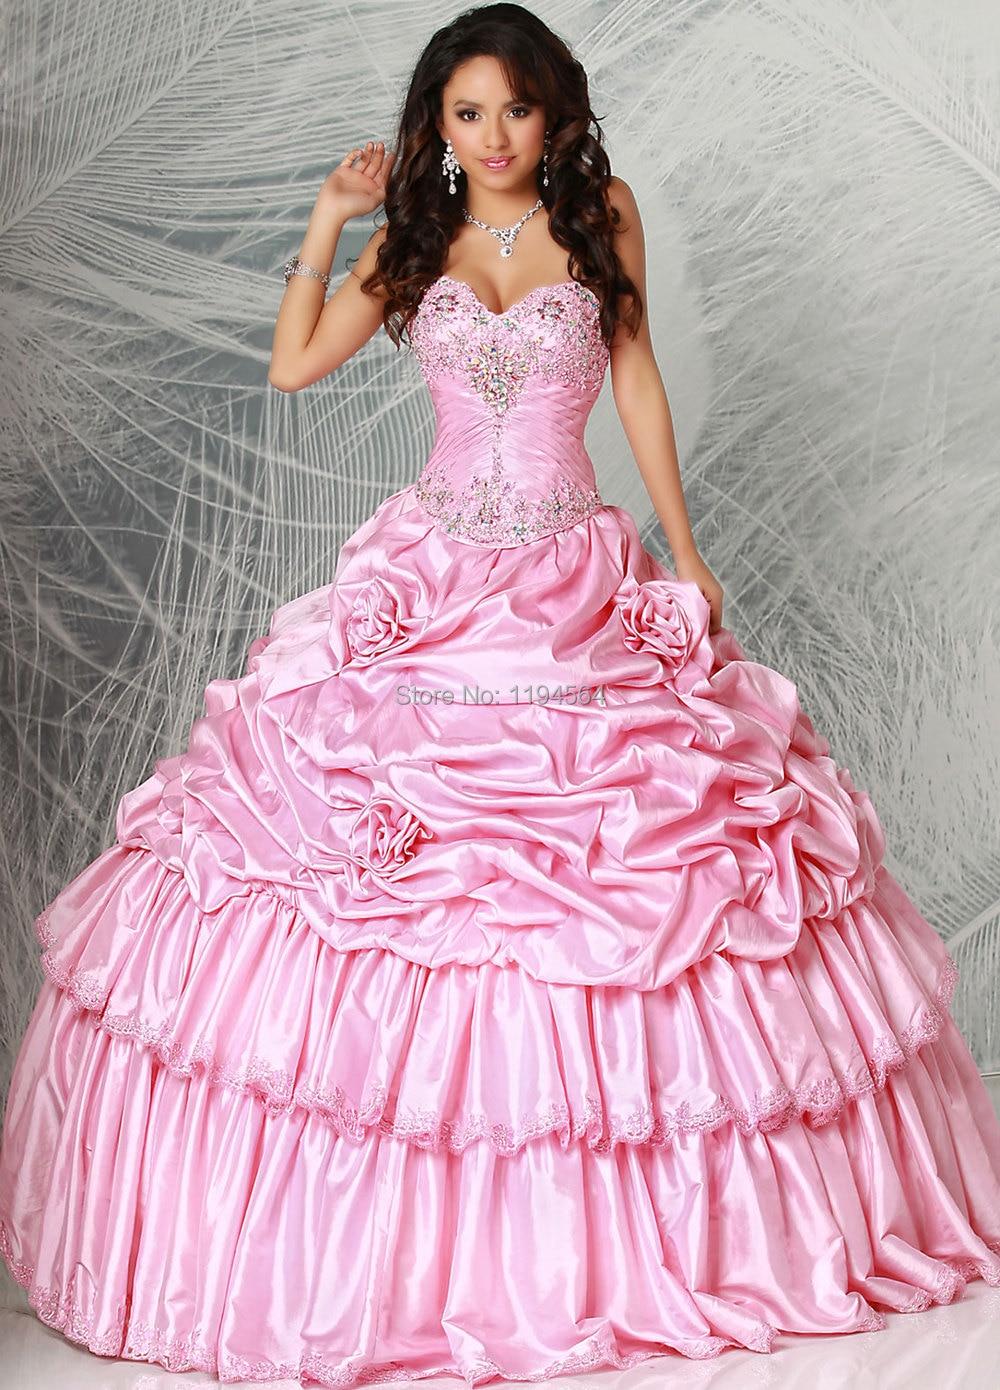 Año nuevo vestido de la princesa vestidos del Quinceanera rosa para ...